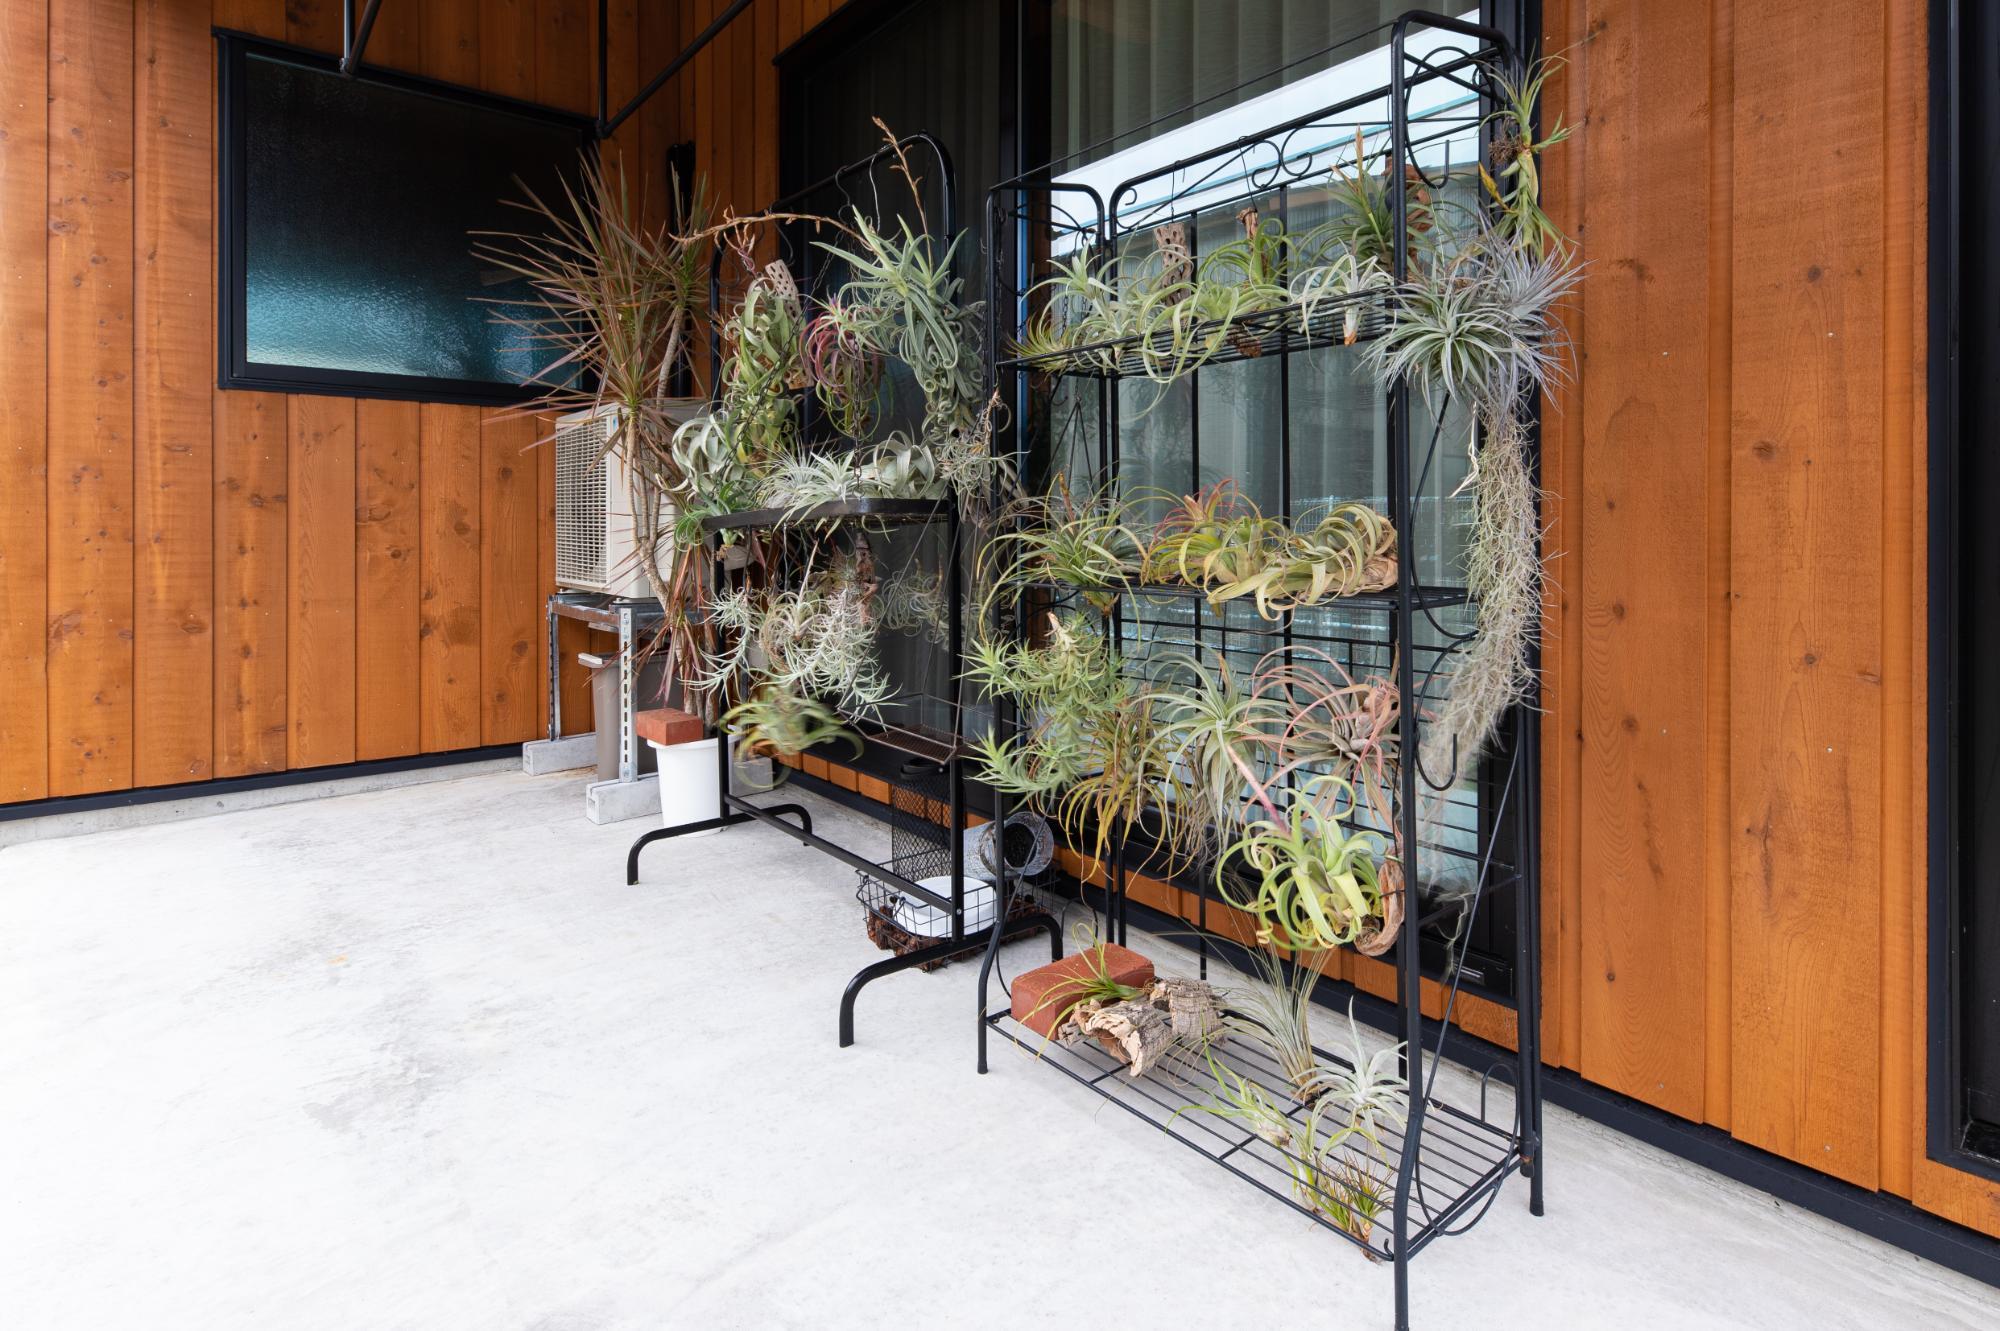 土間と薪ストーブの「暮らしを楽しめる」家の写真13